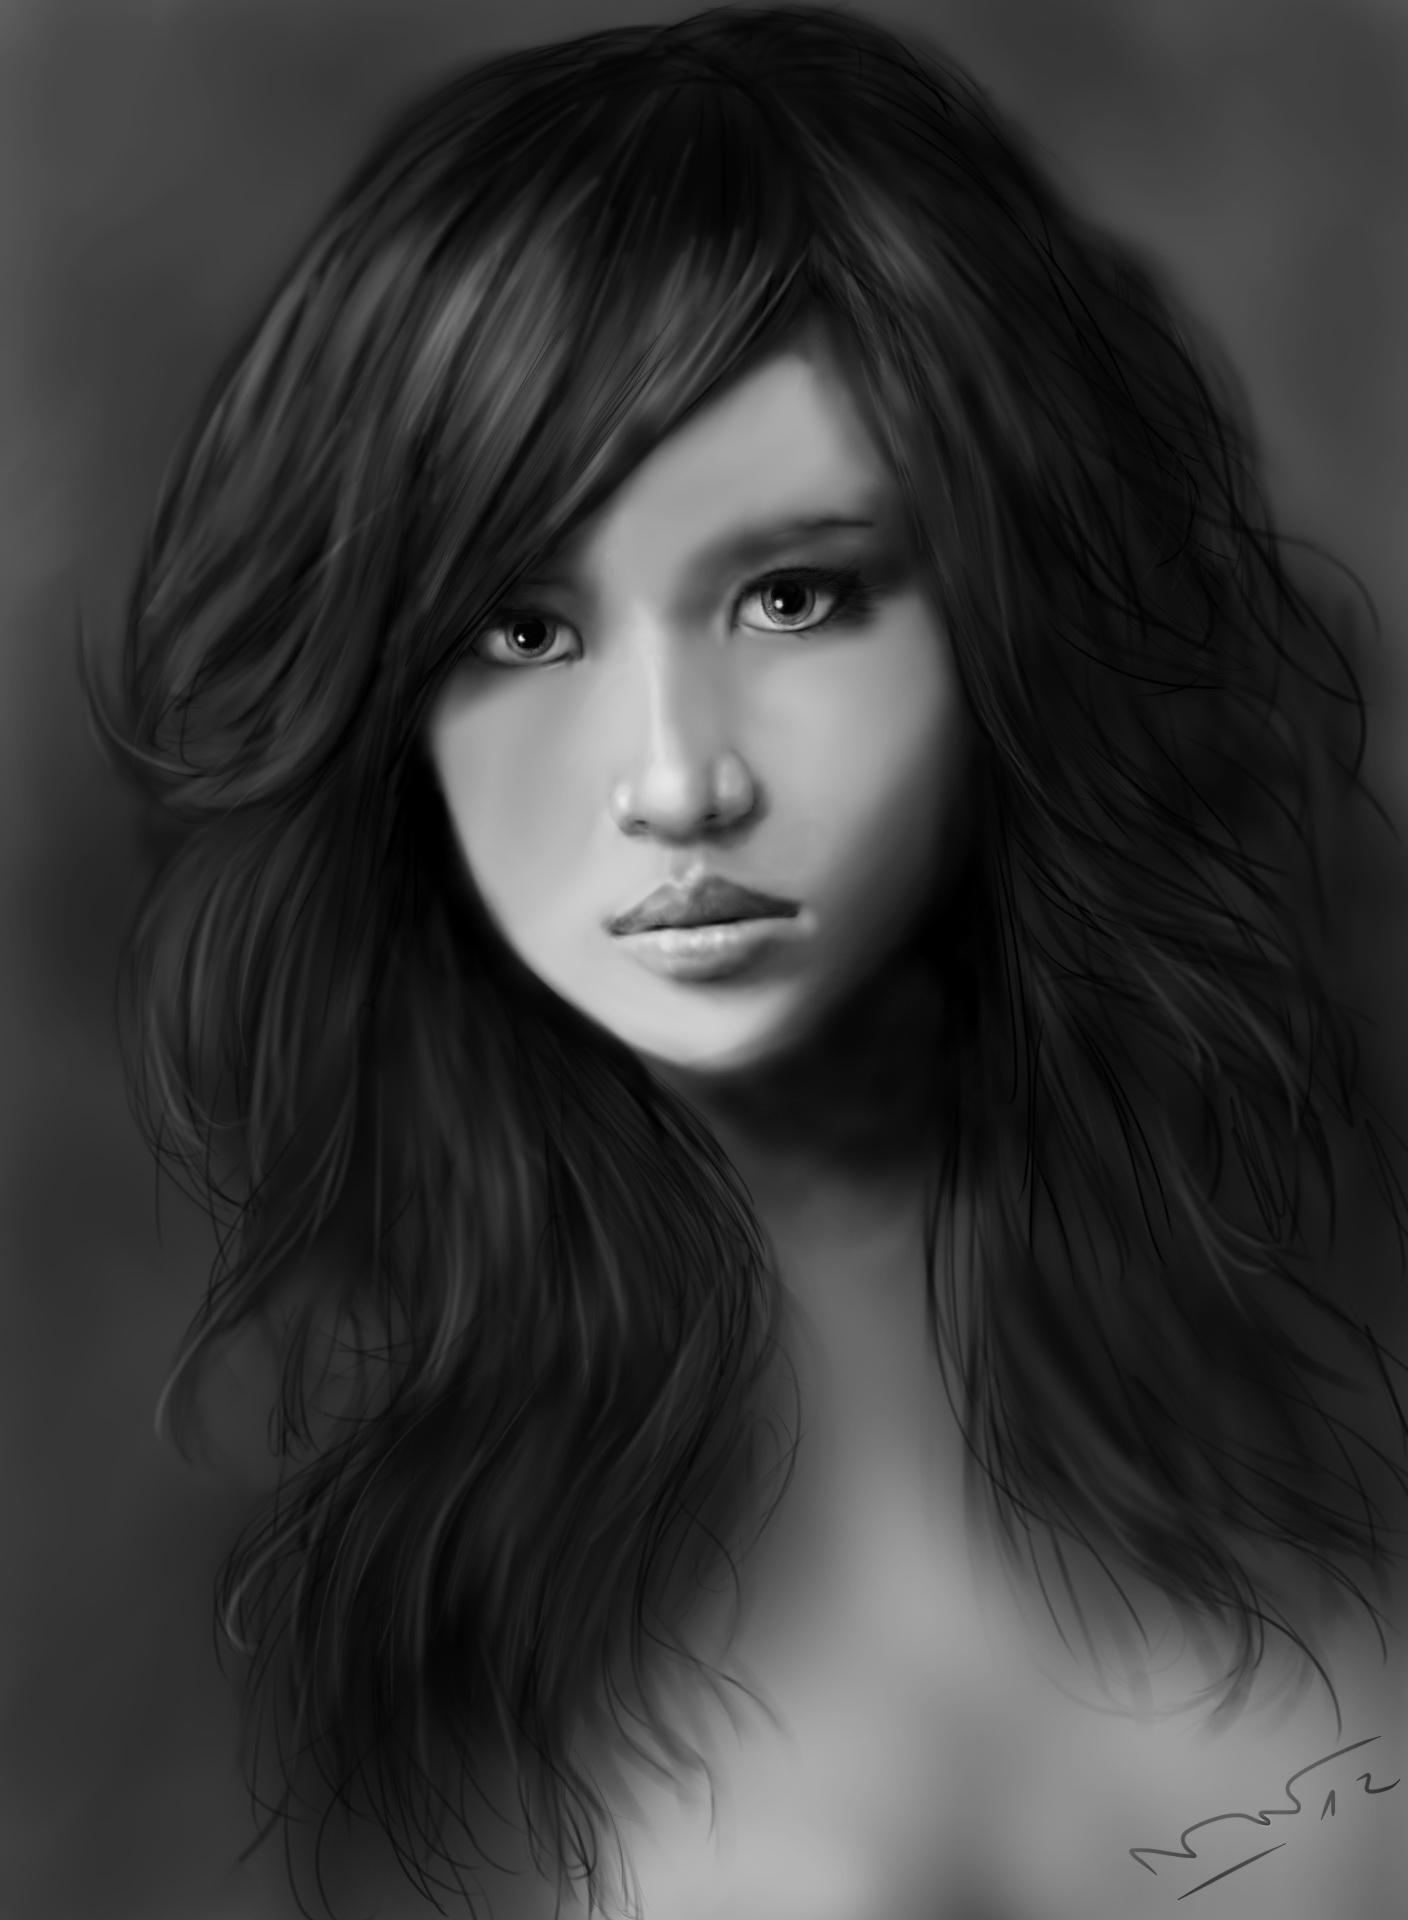 Yumiko by Artnicow